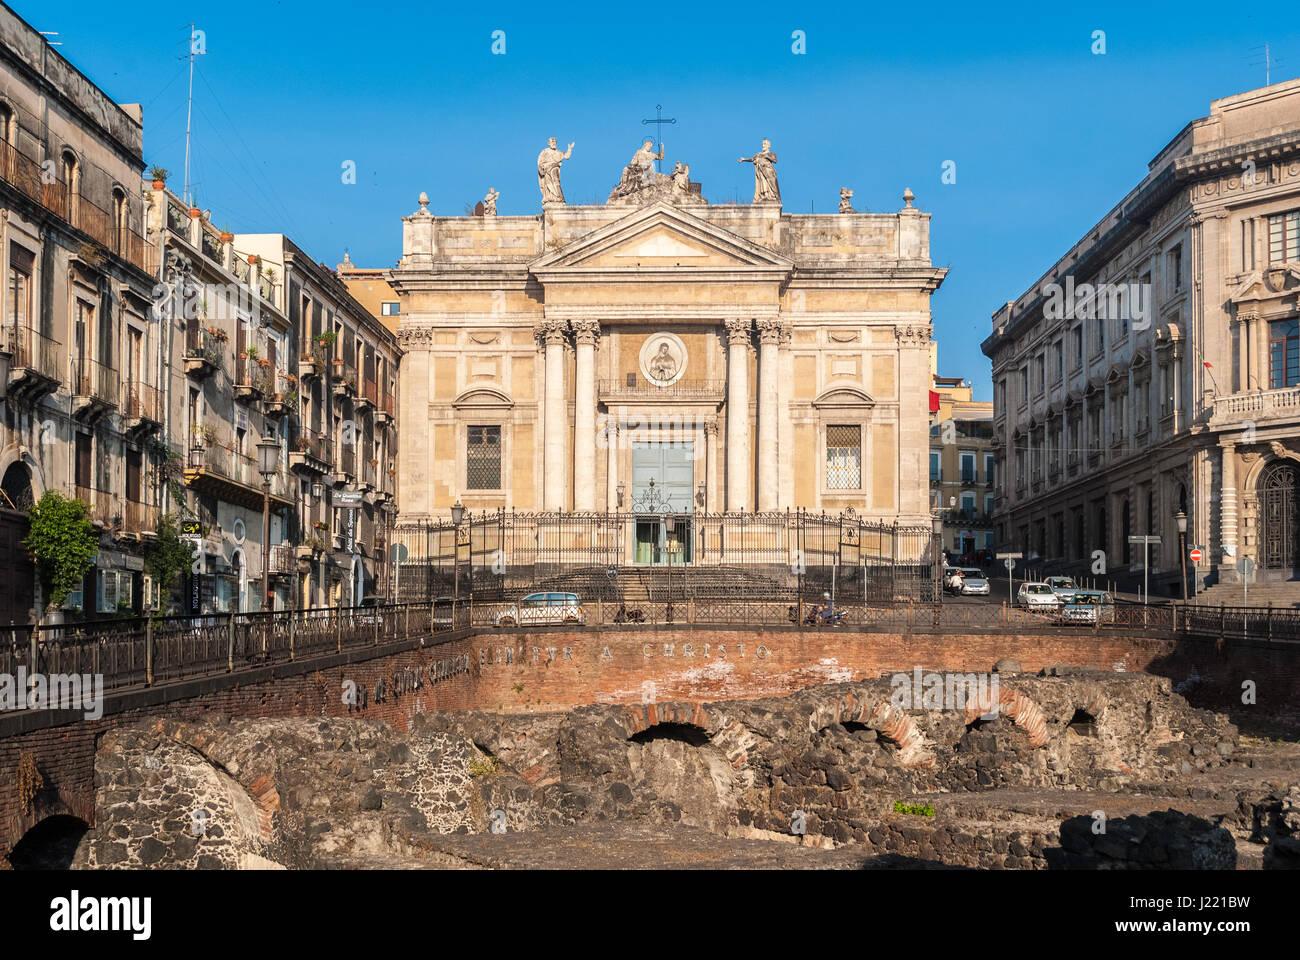 Die Kirche San Biagio, auch bekannt als Sant'Agata Alla Fornace in Catania; im Vordergrund ein Einblick in das Stockbild